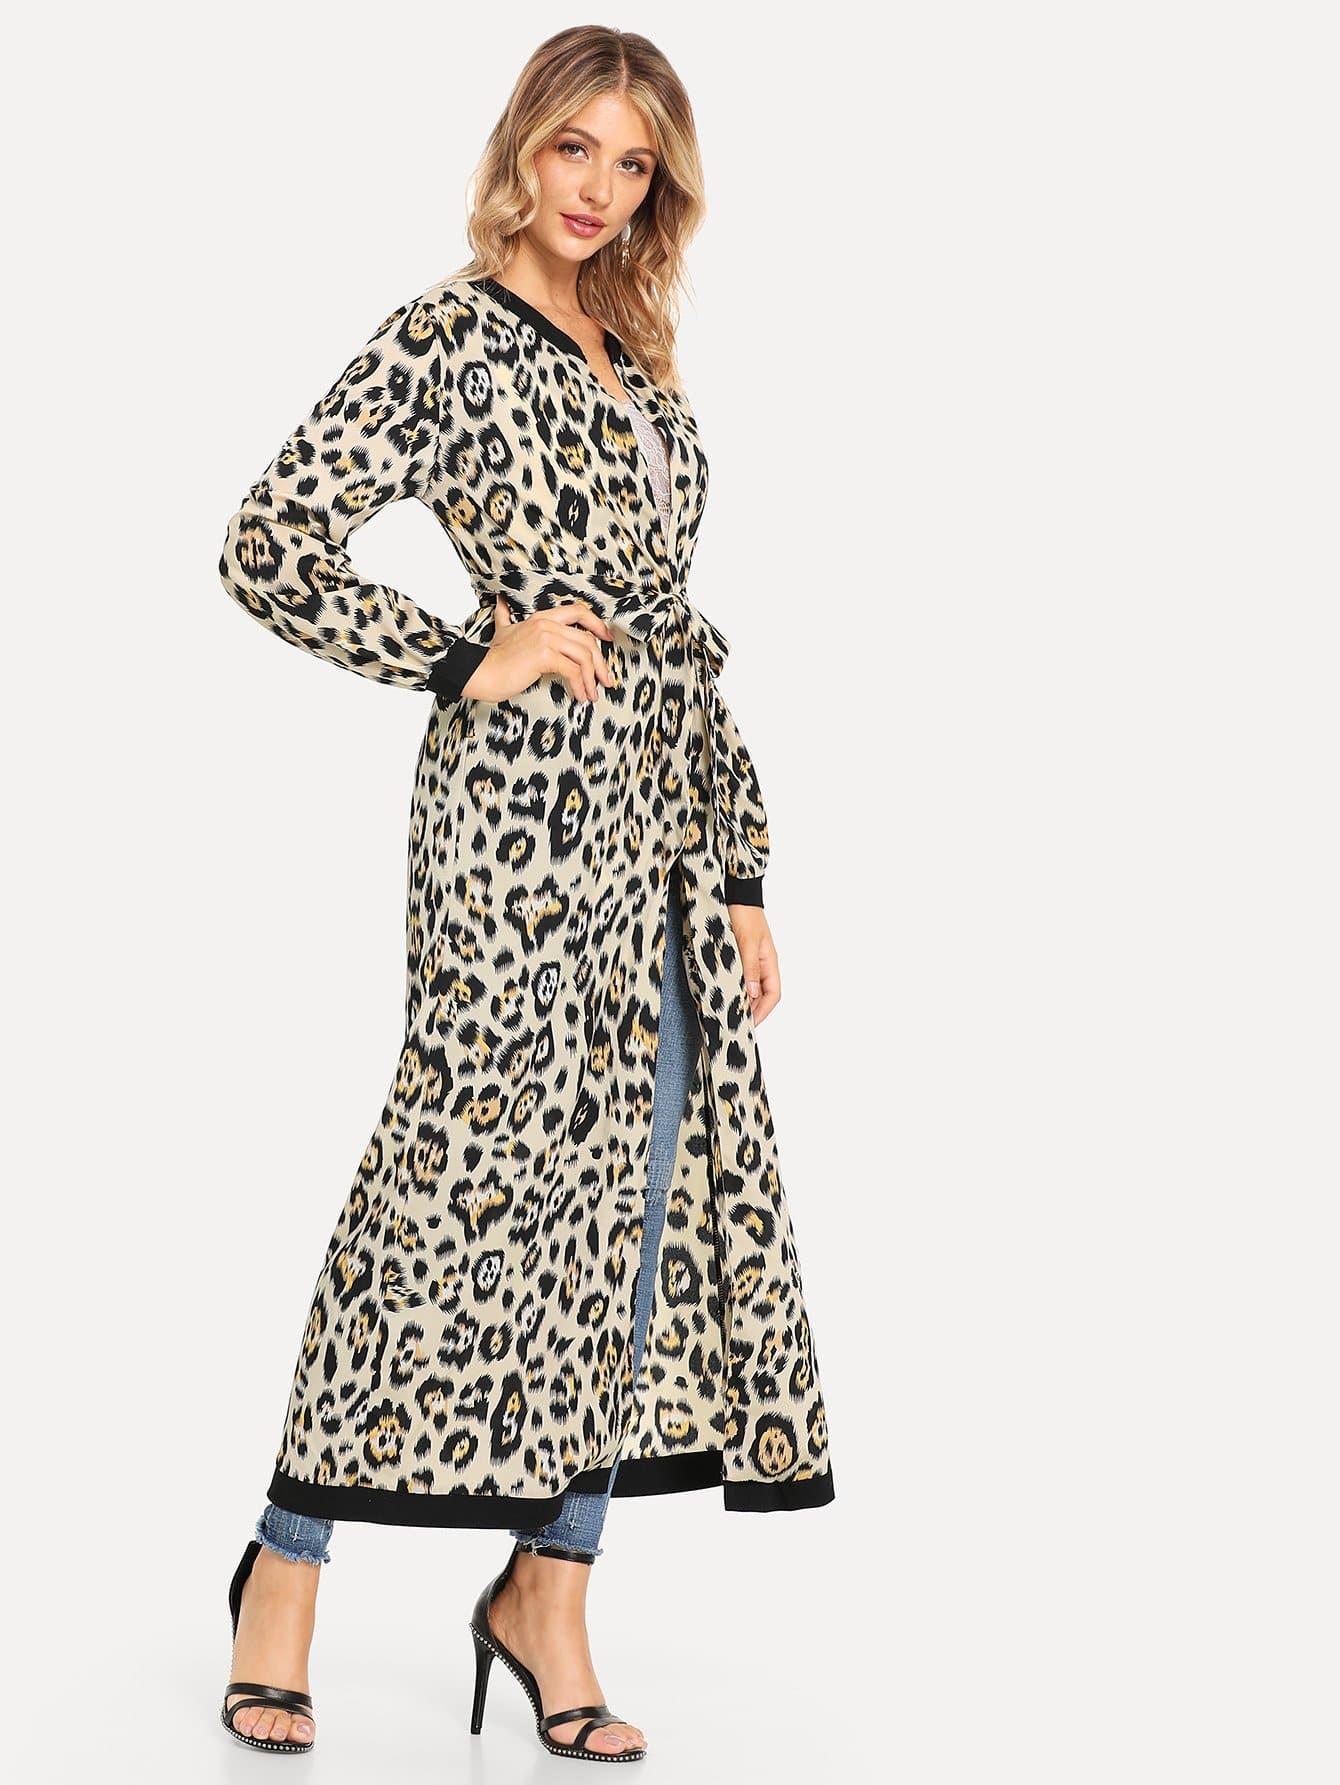 Leopard Open Front Outerwear Leopard Open Front Outerwear